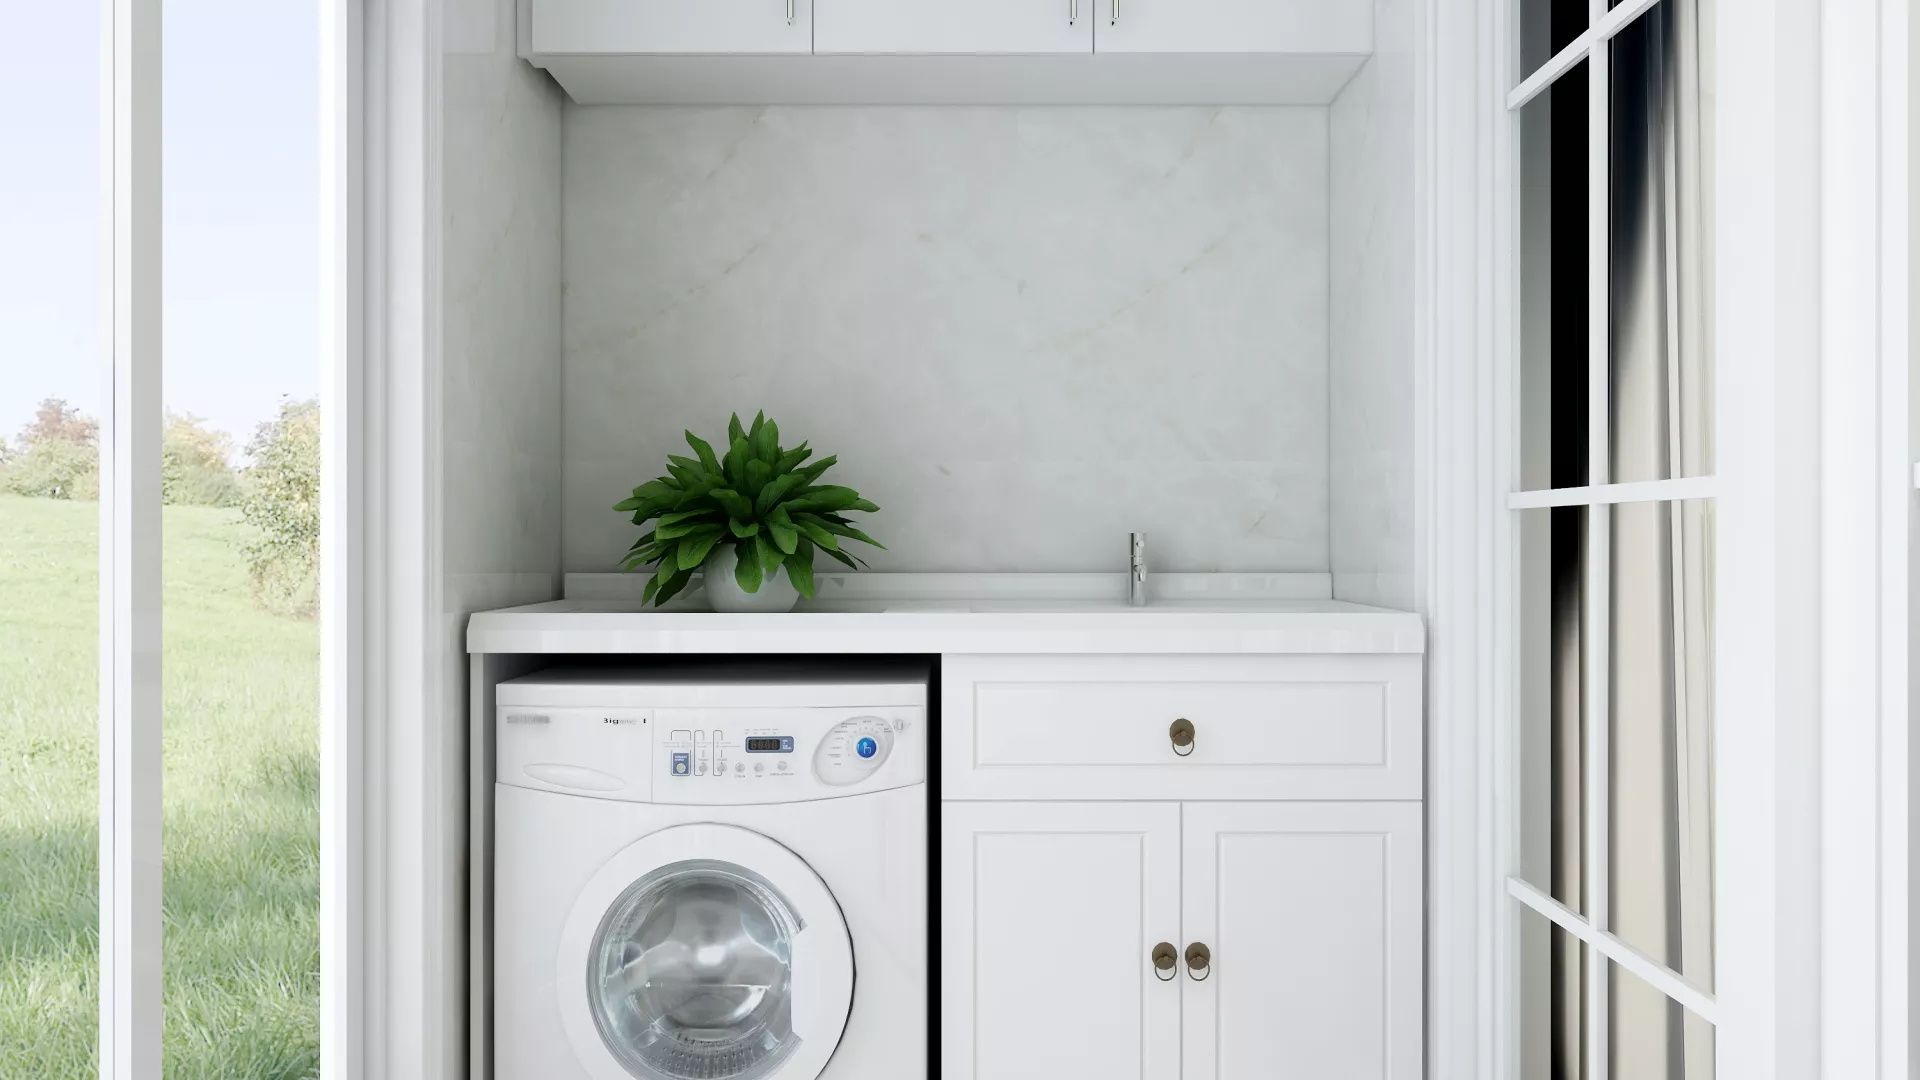 lg洗衣机故障代码有哪些 lg洗衣机维修办法